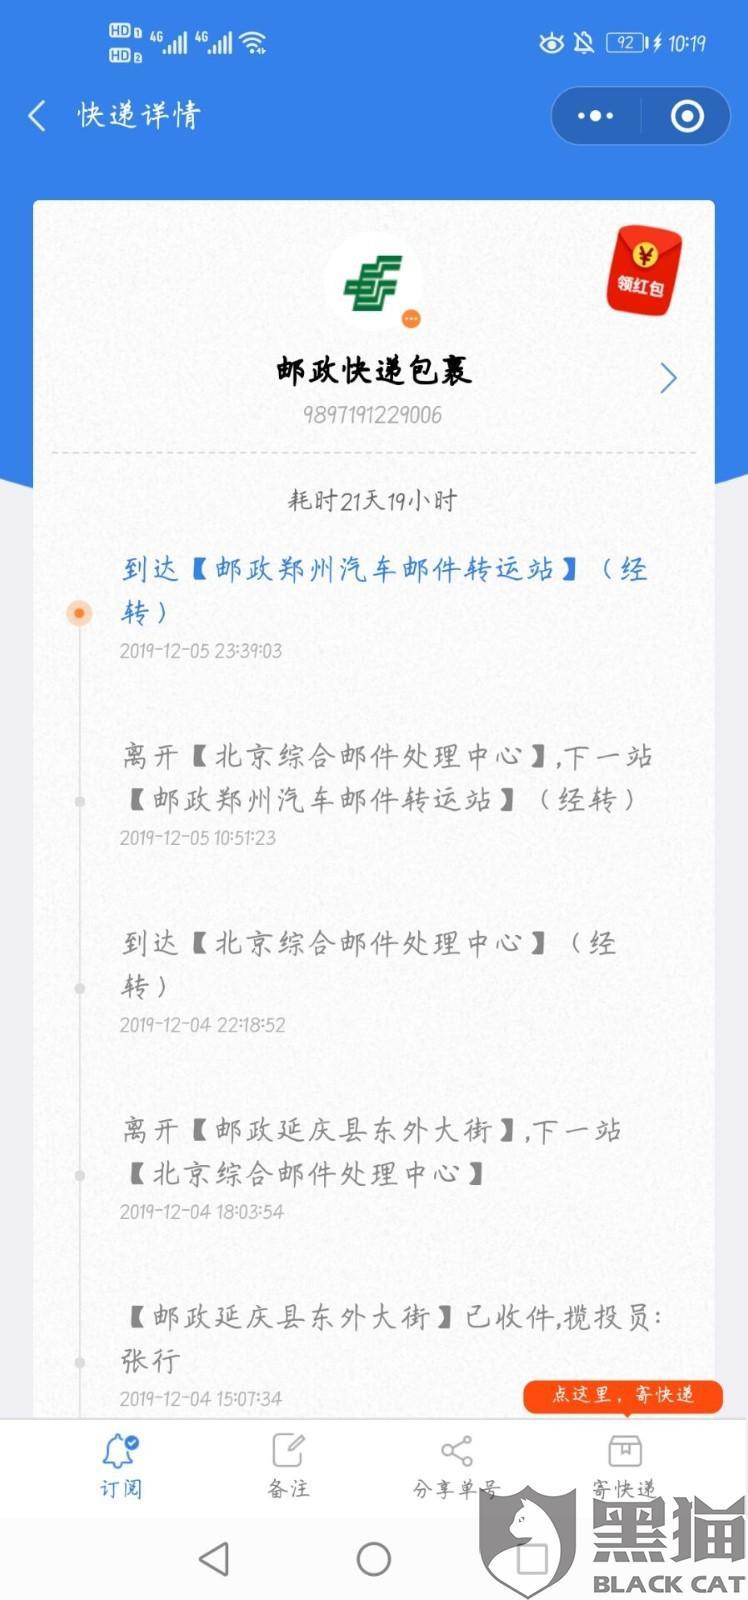 黑猫投诉:中国邮政速递公司11183